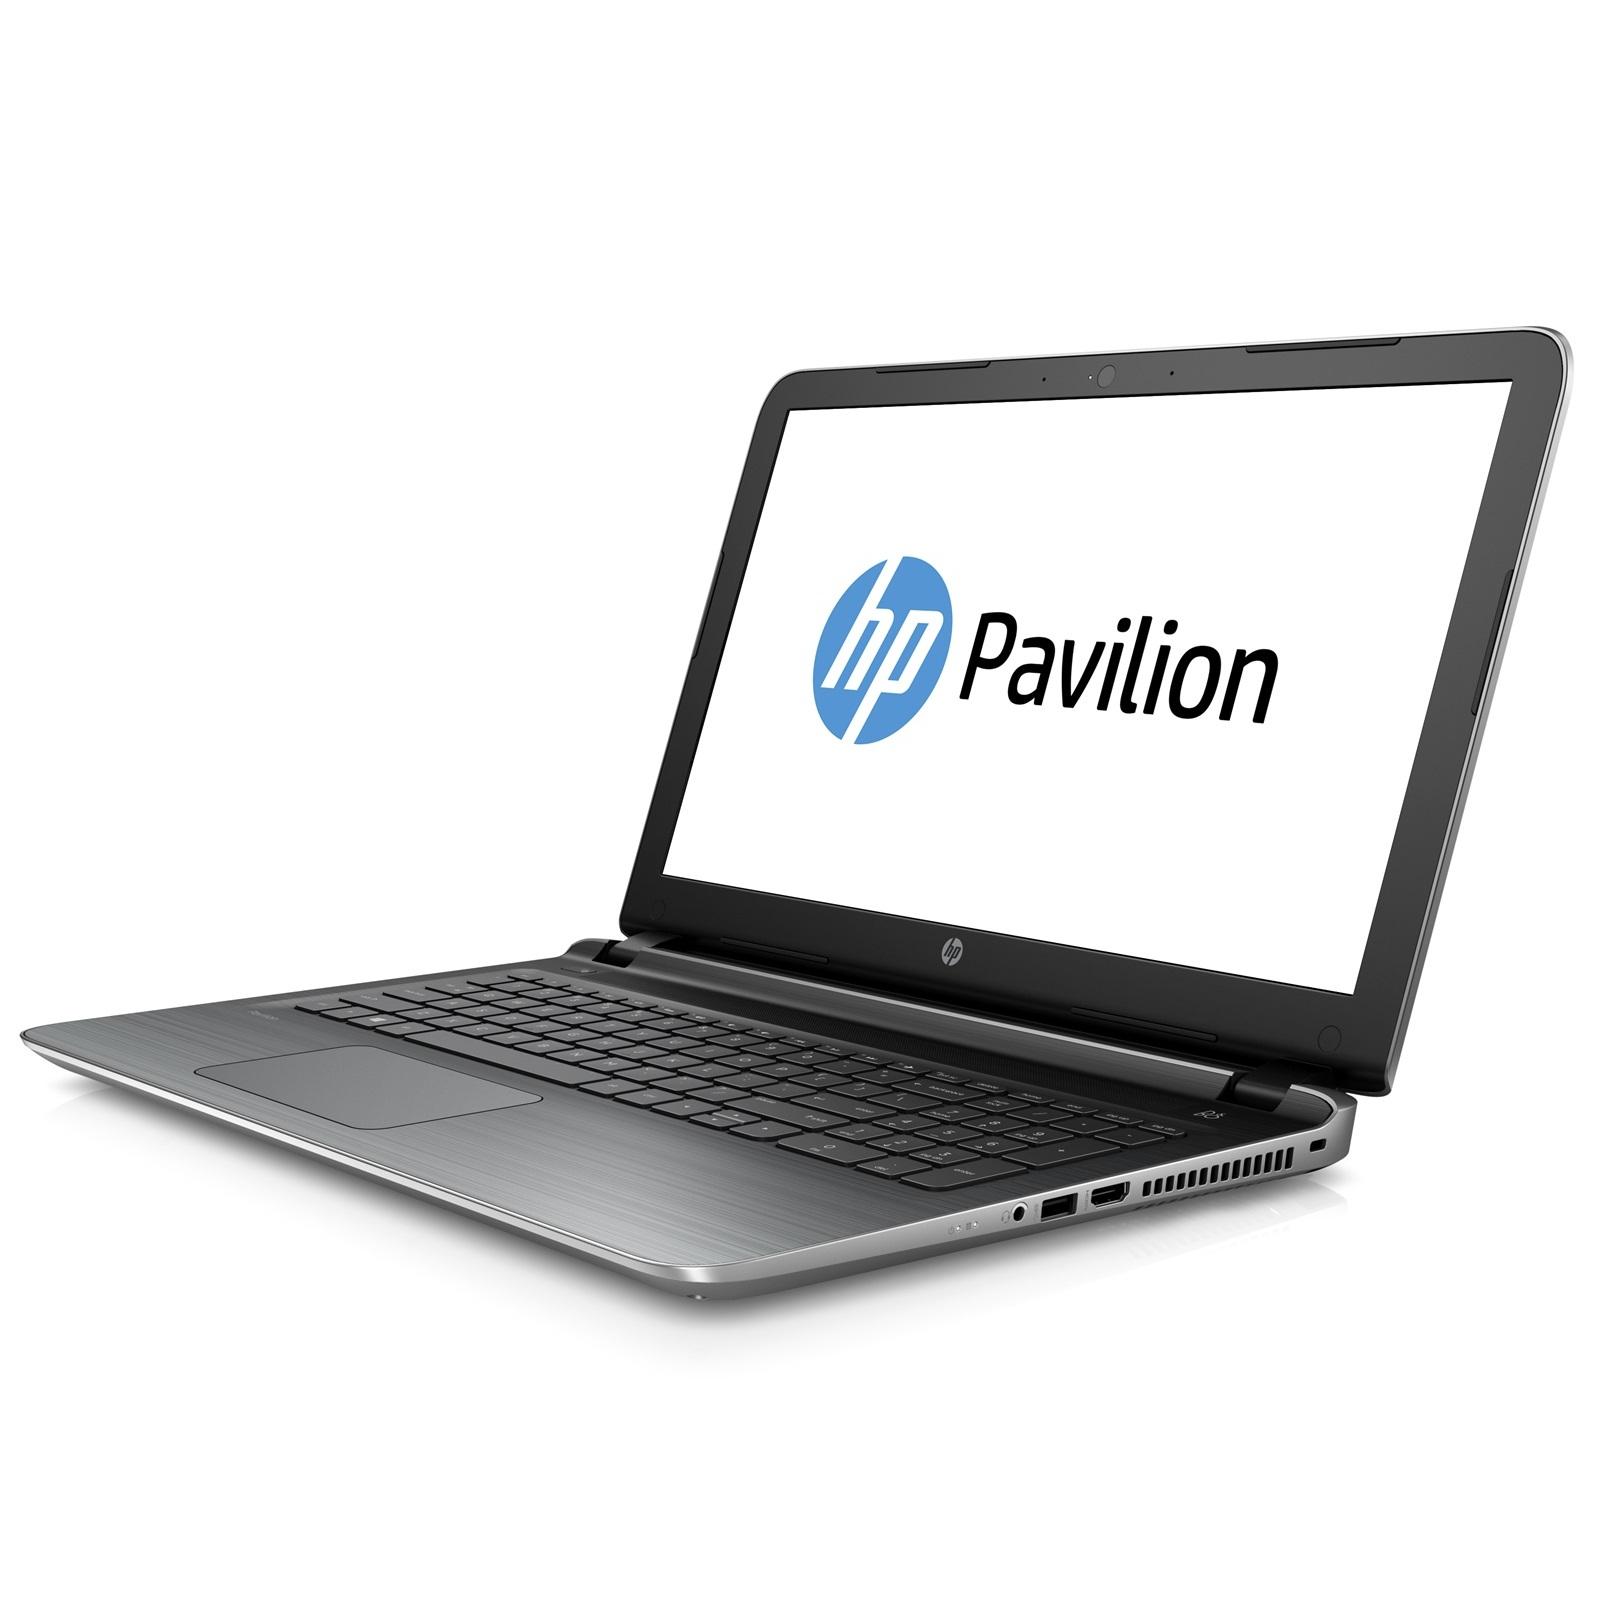 Laptop HP Core i5 Pavilion 15 ab221TU P3V34PA - White